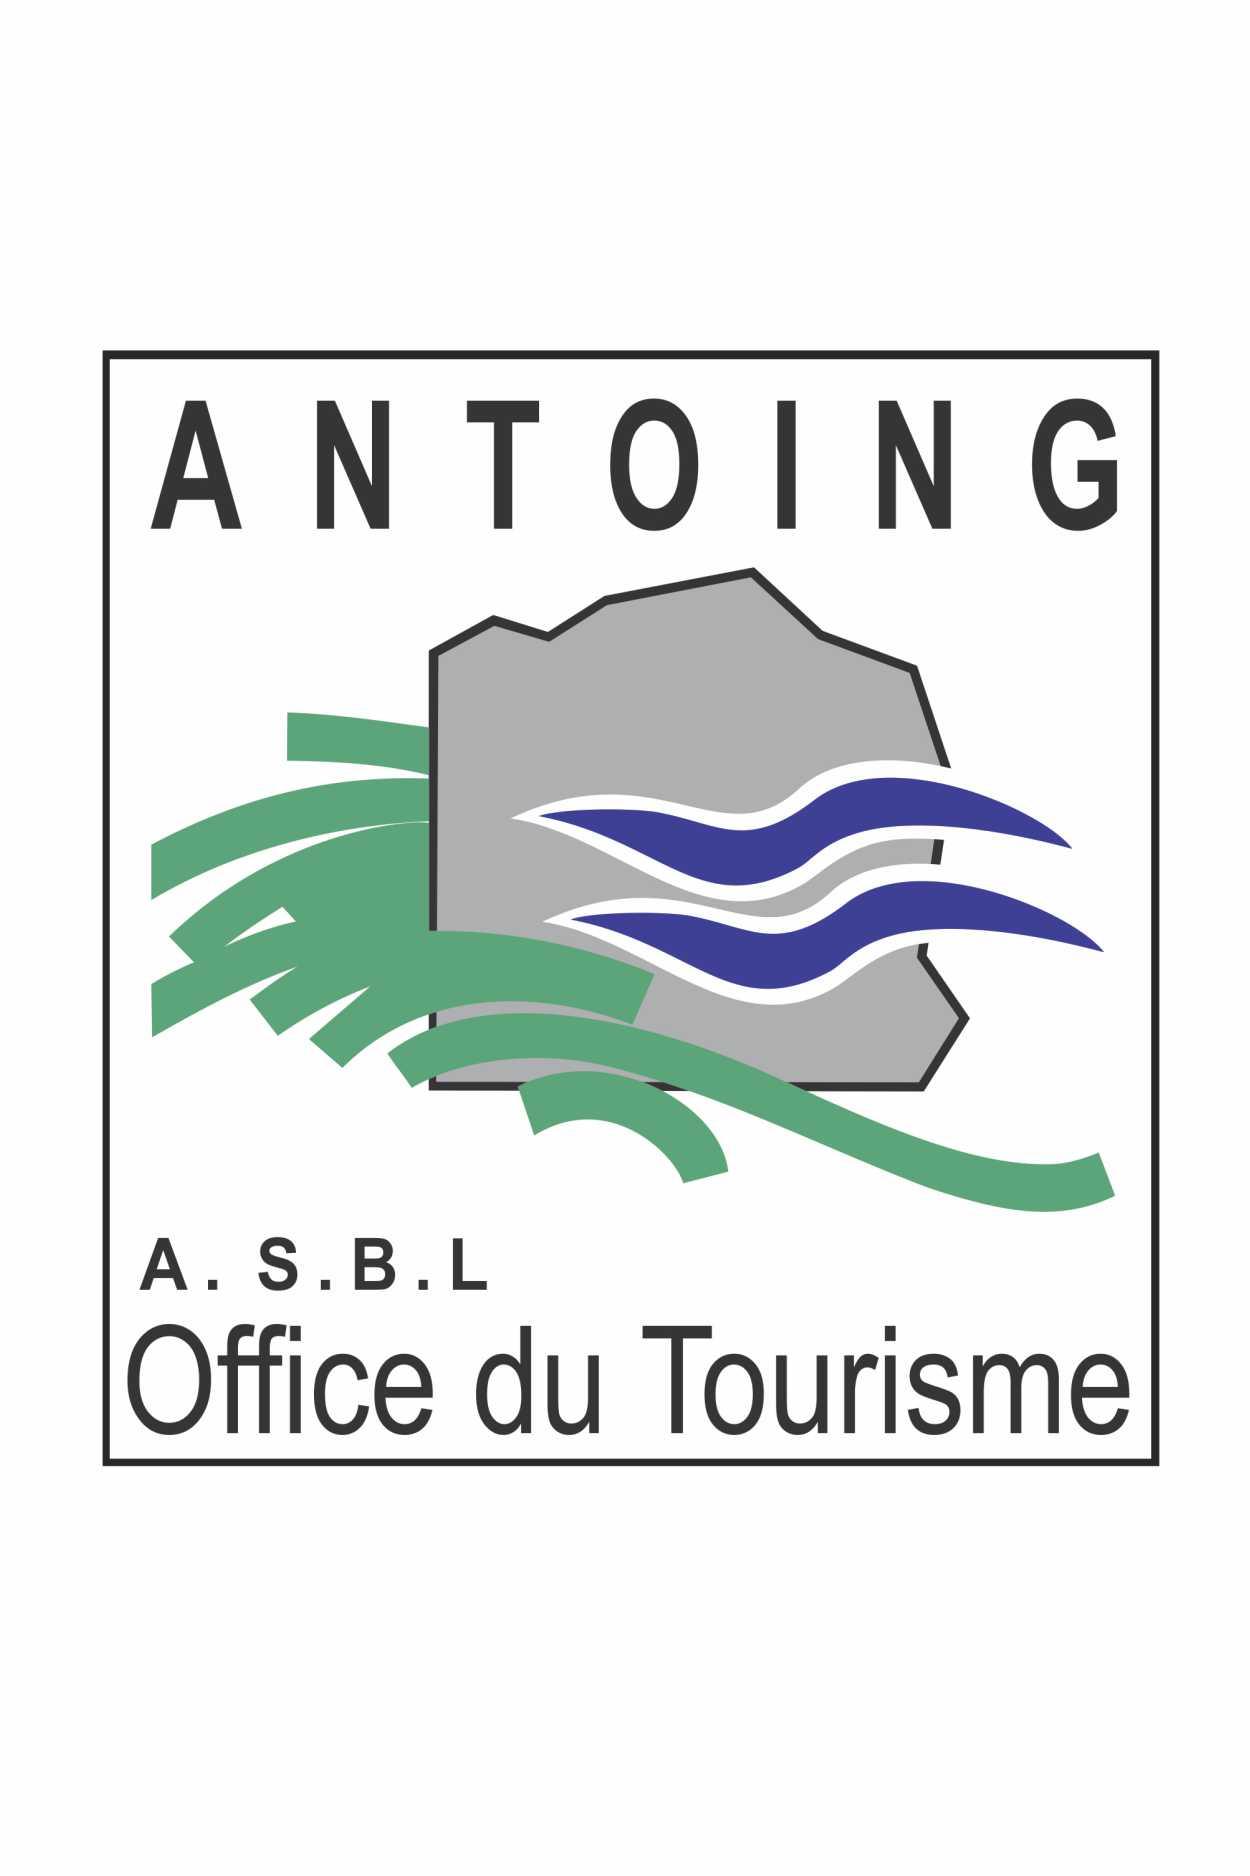 Office du tourisme site de antoing for Office du tourisme des yvelines